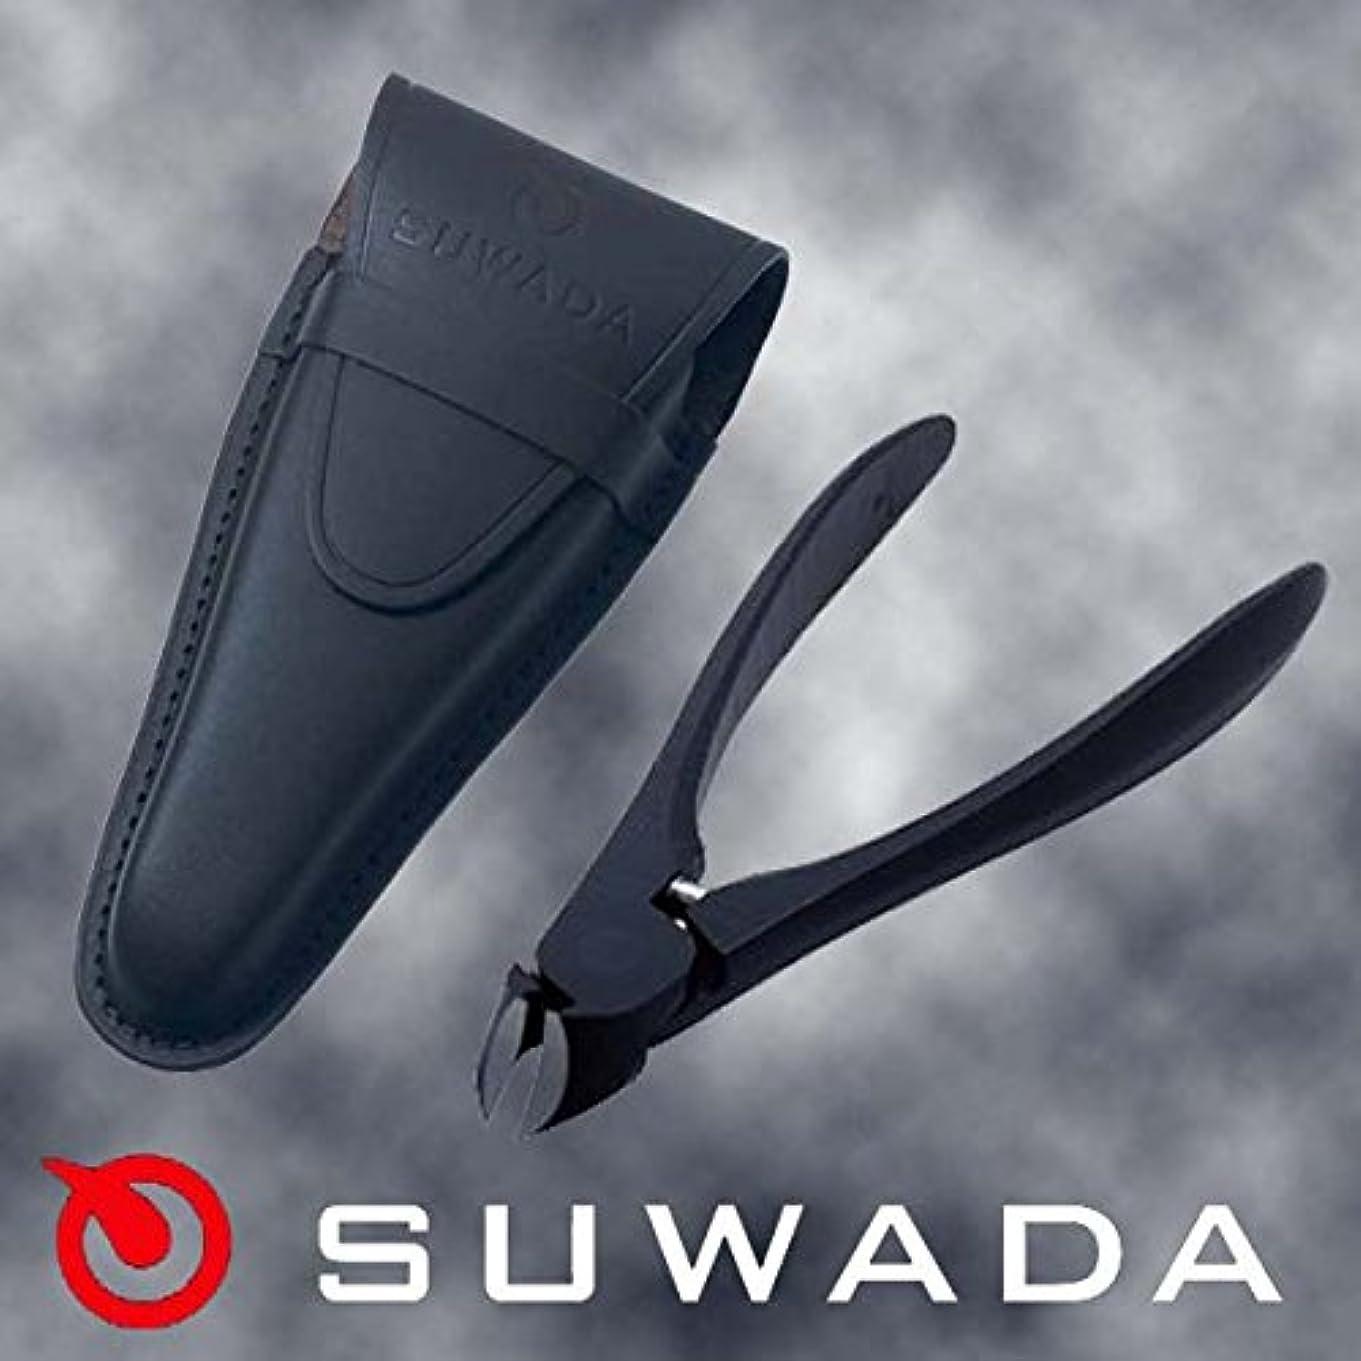 固めるヘルパー墓地SUWADA爪切りブラックL&ブラック革ケースセット 諏訪田製作所製 スワダの爪切り